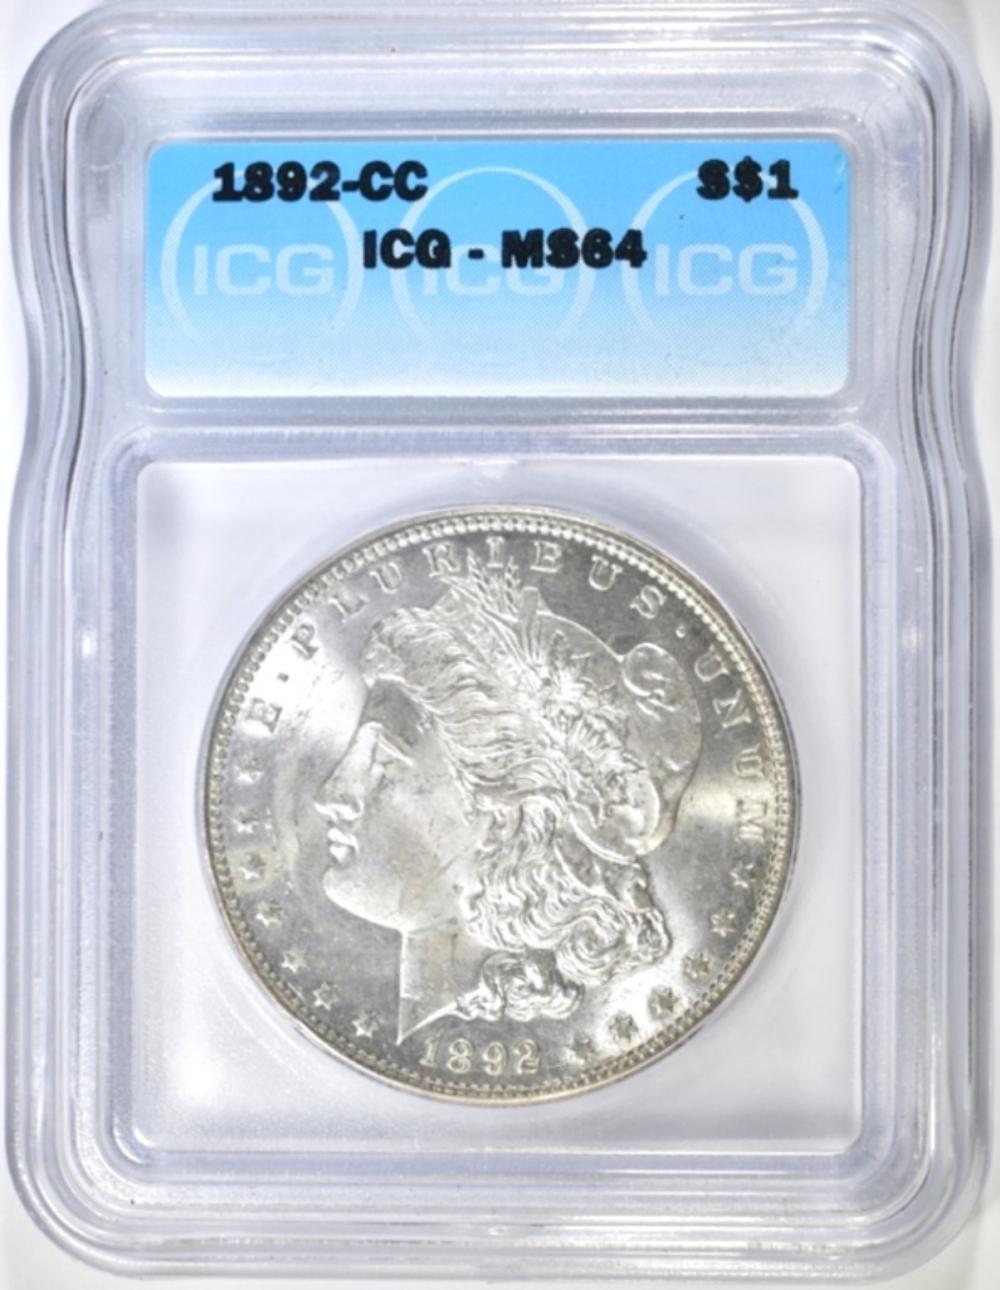 1892-CC MORGAN ICG MS-64